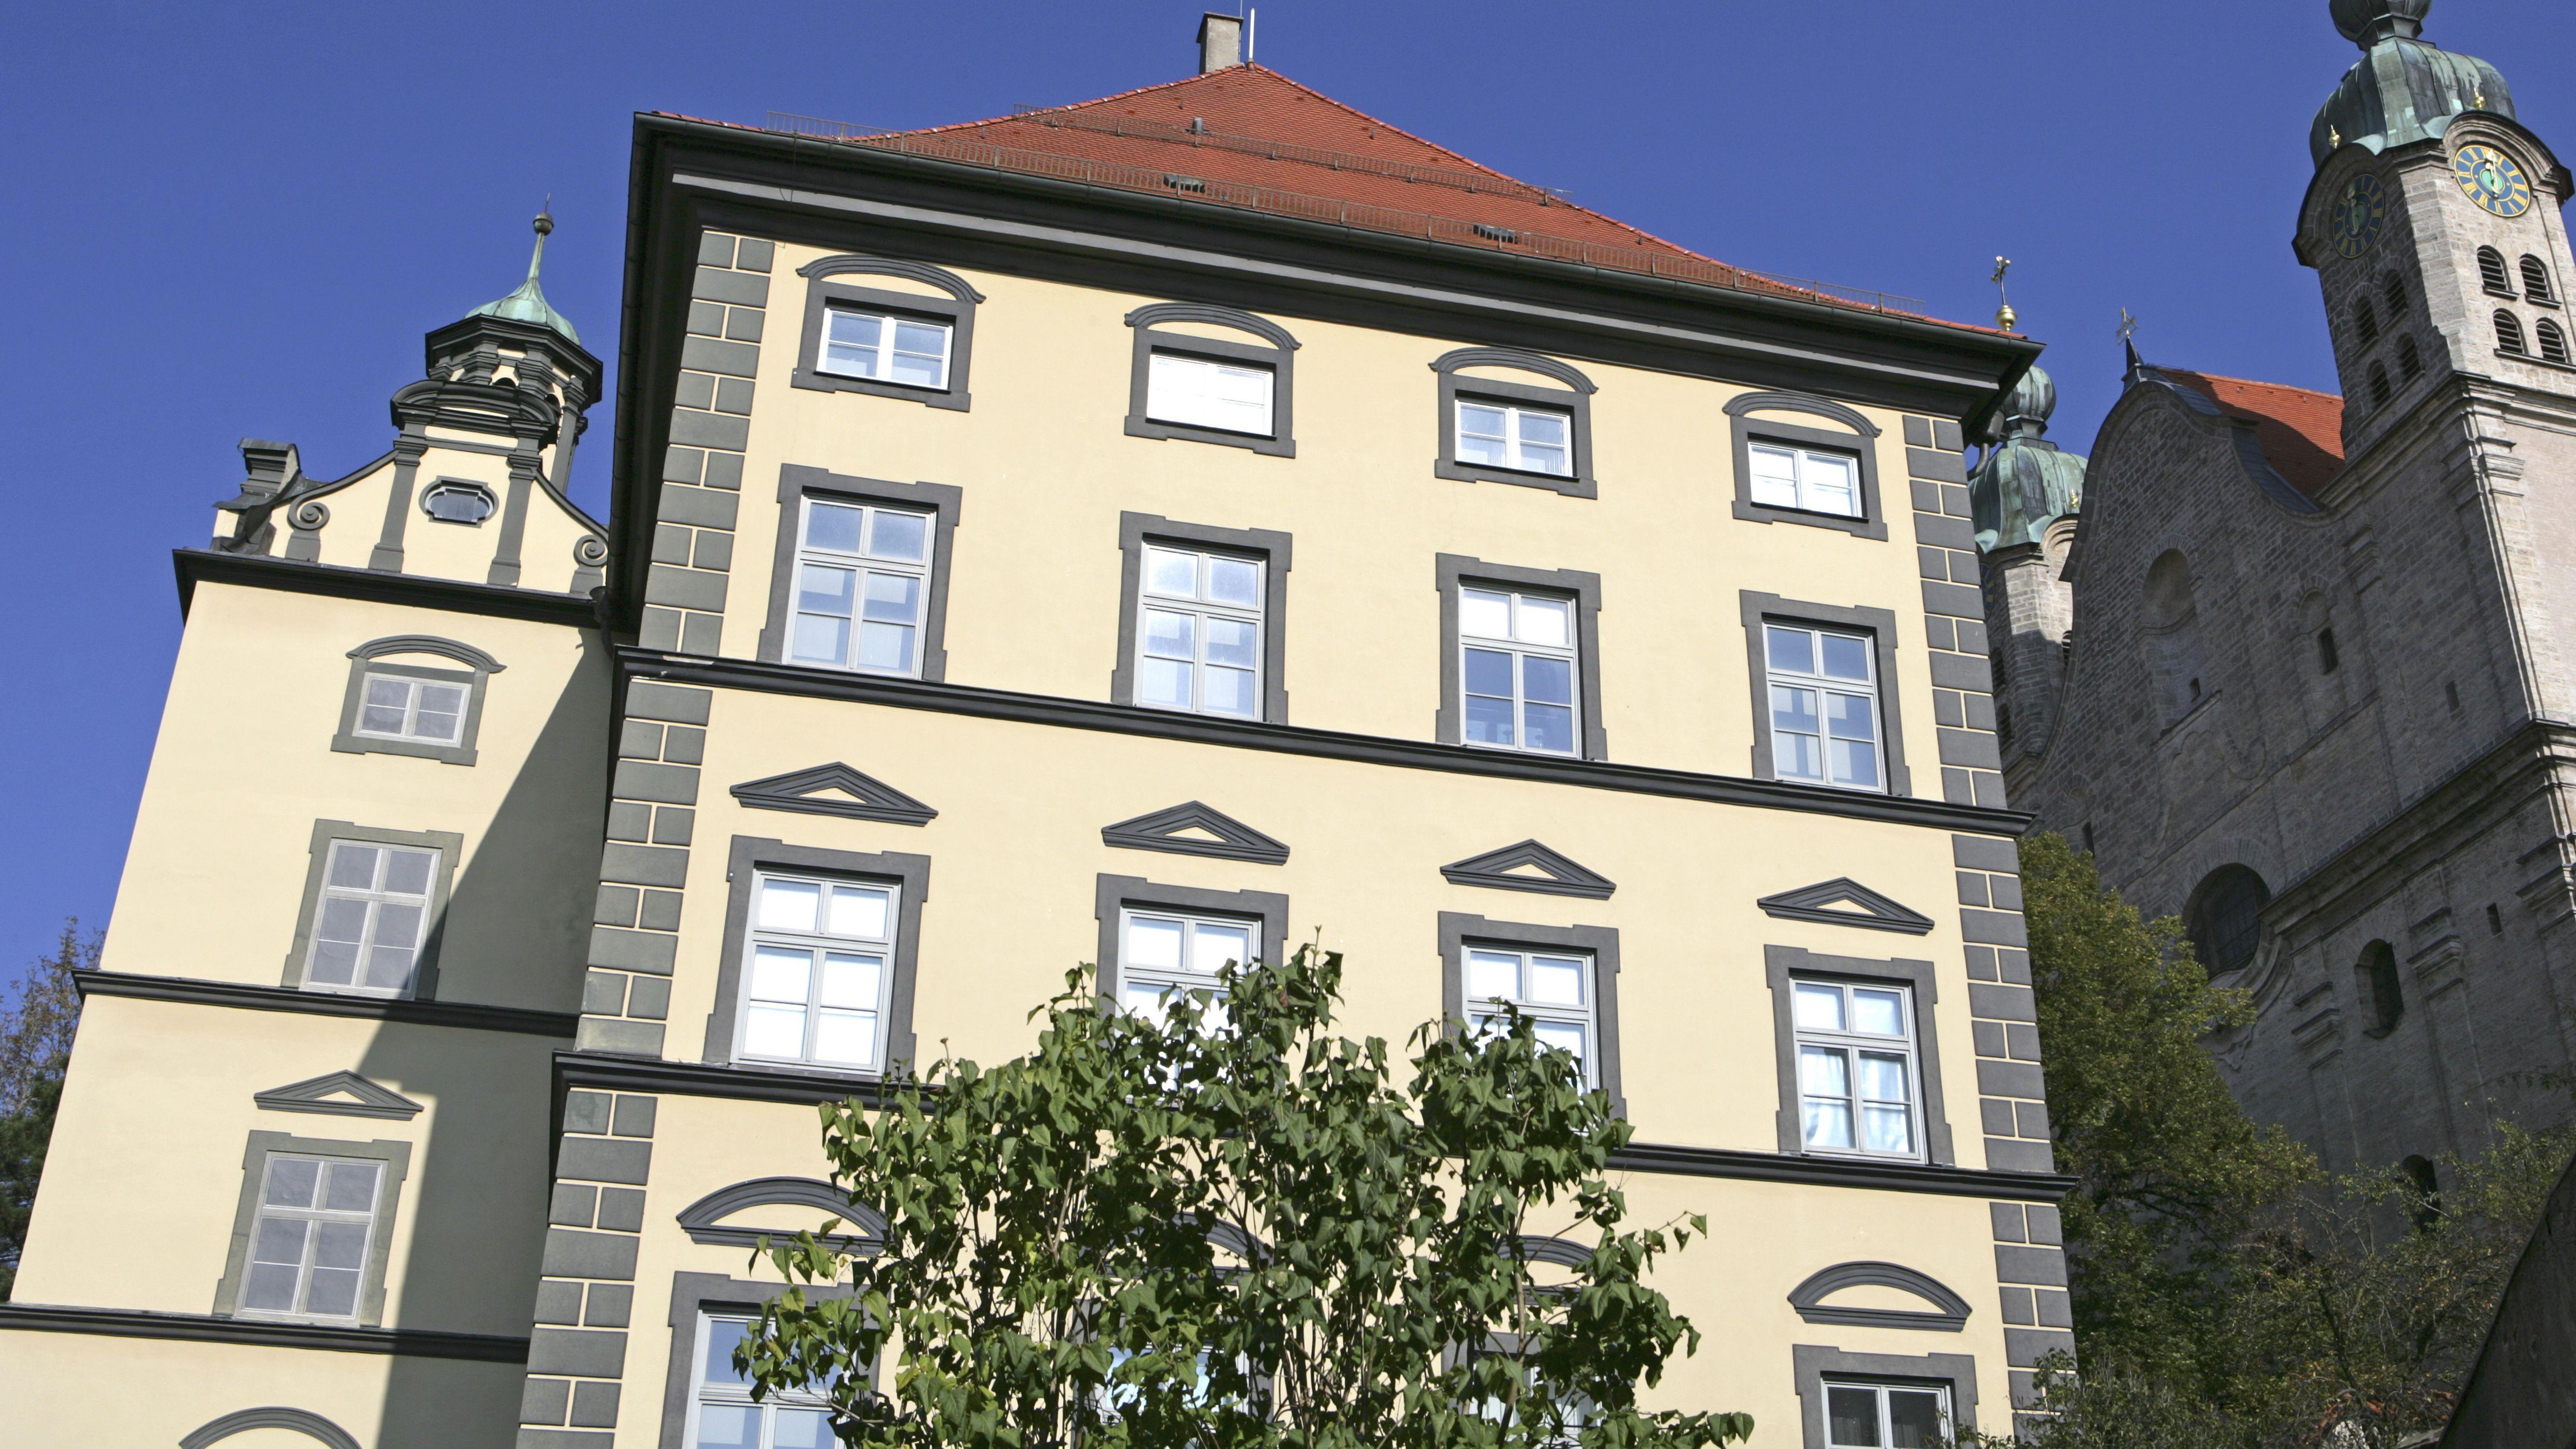 Außenansicht des Stadtmuseums Landsberg, in dem die Landesausstellung geplant ist.